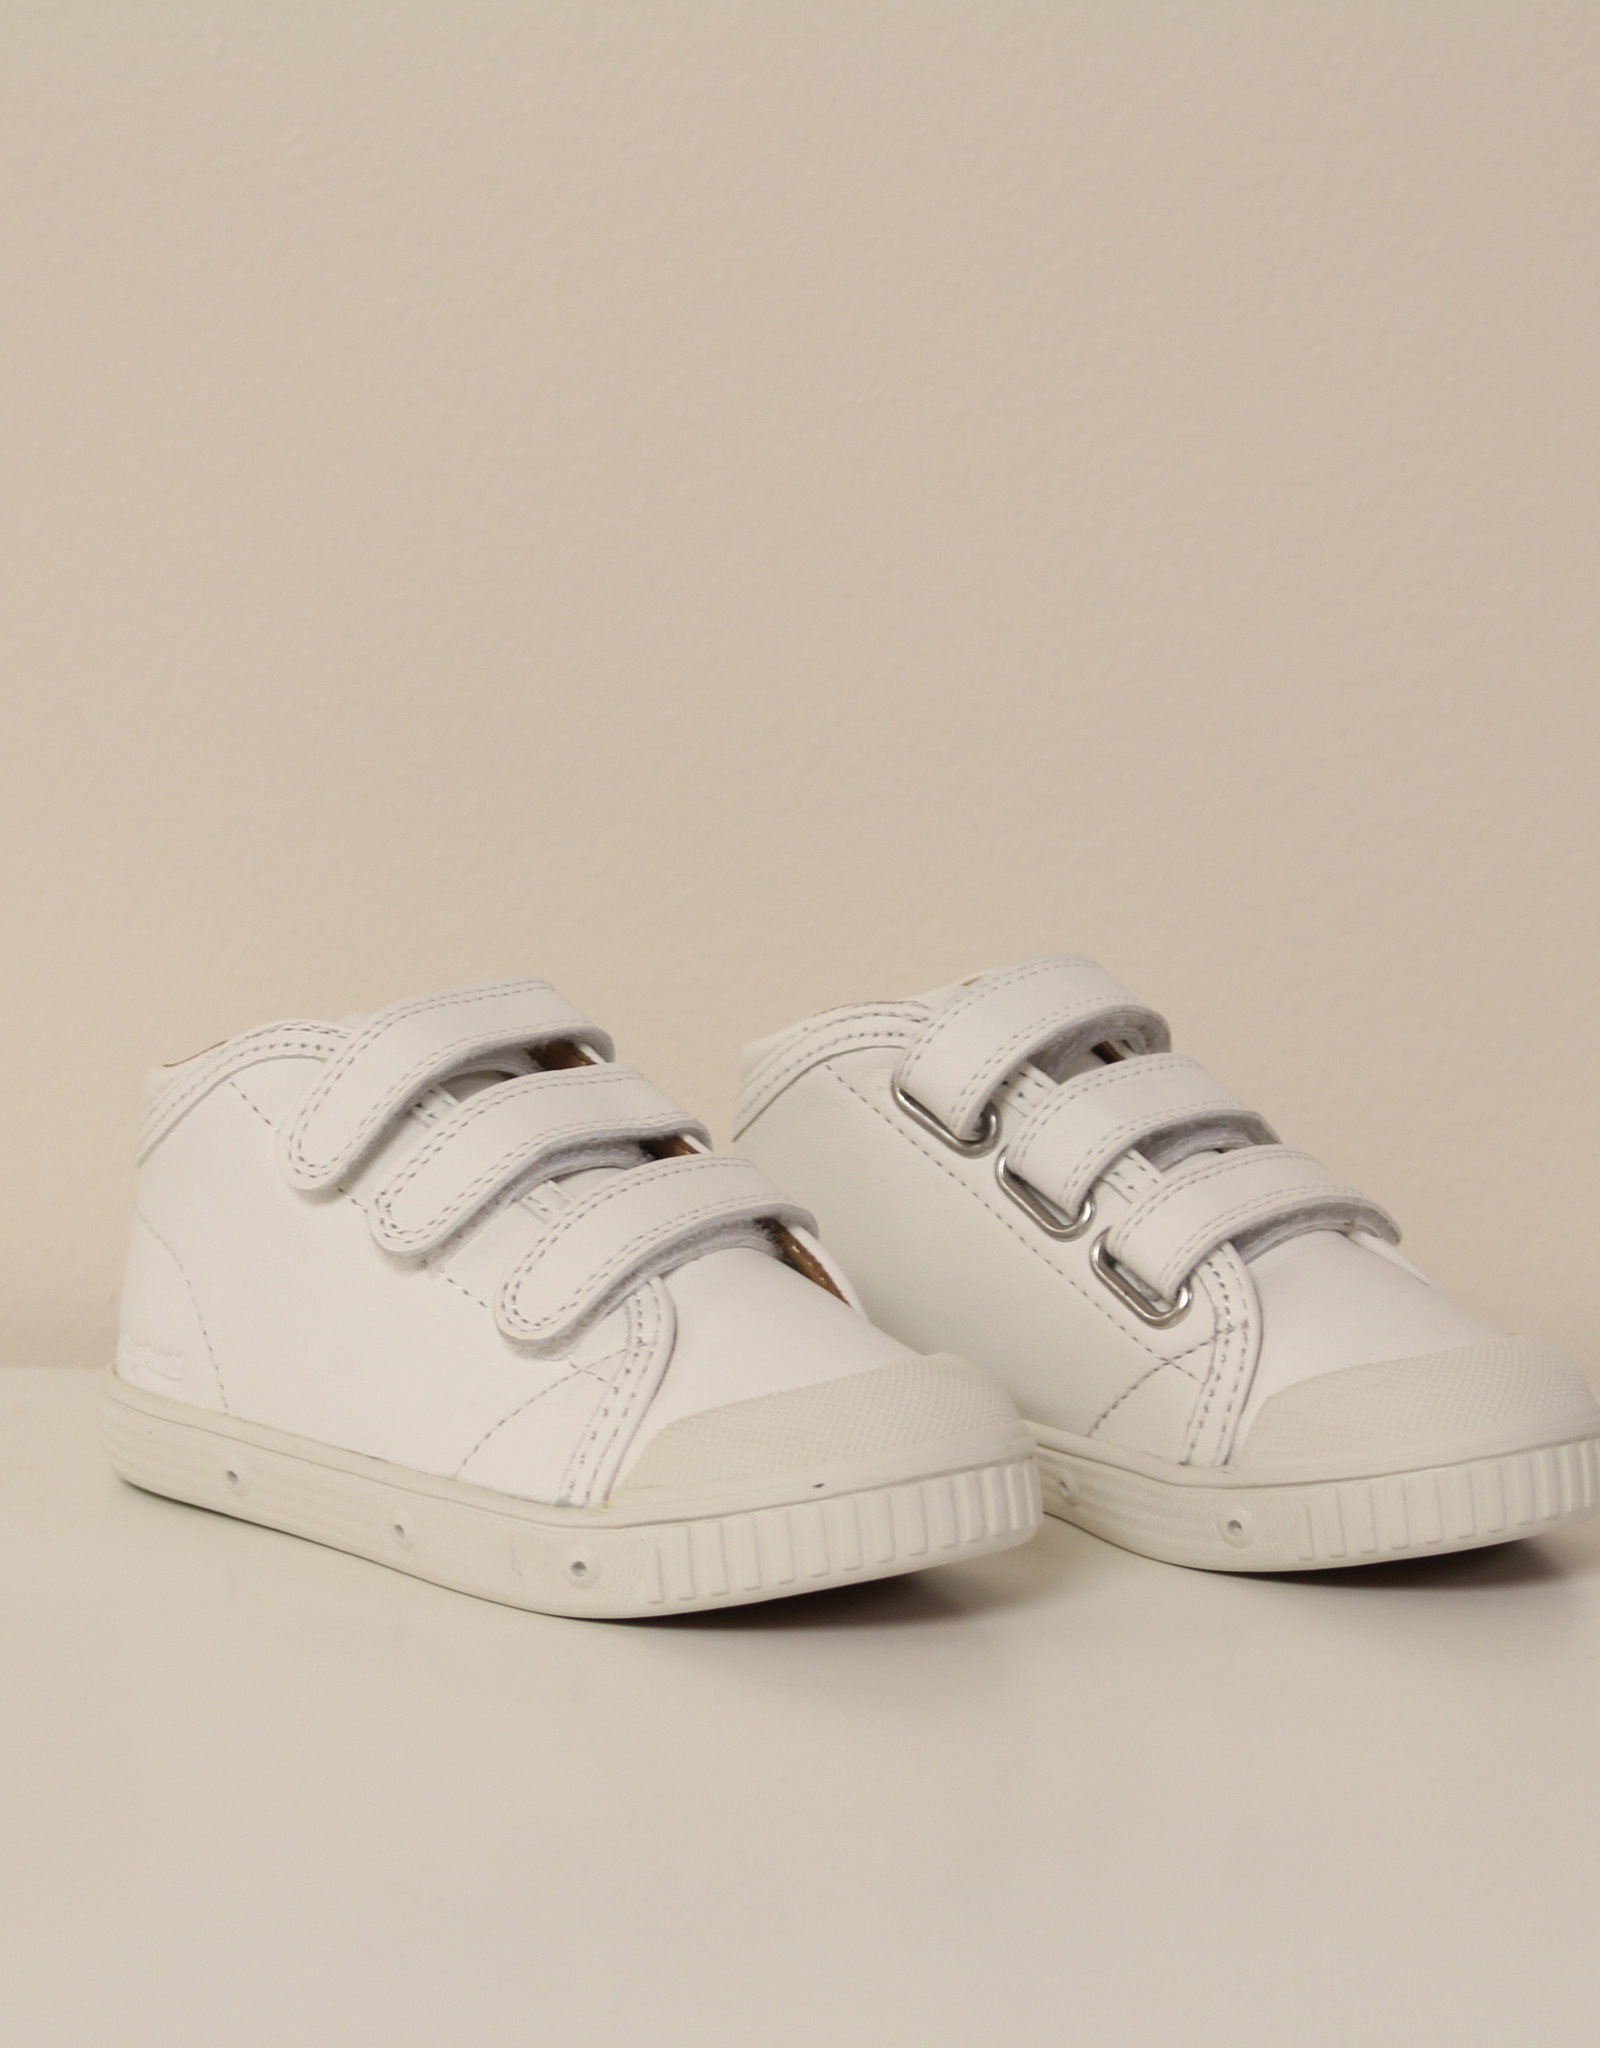 Springcourt BVK 5001-2 white